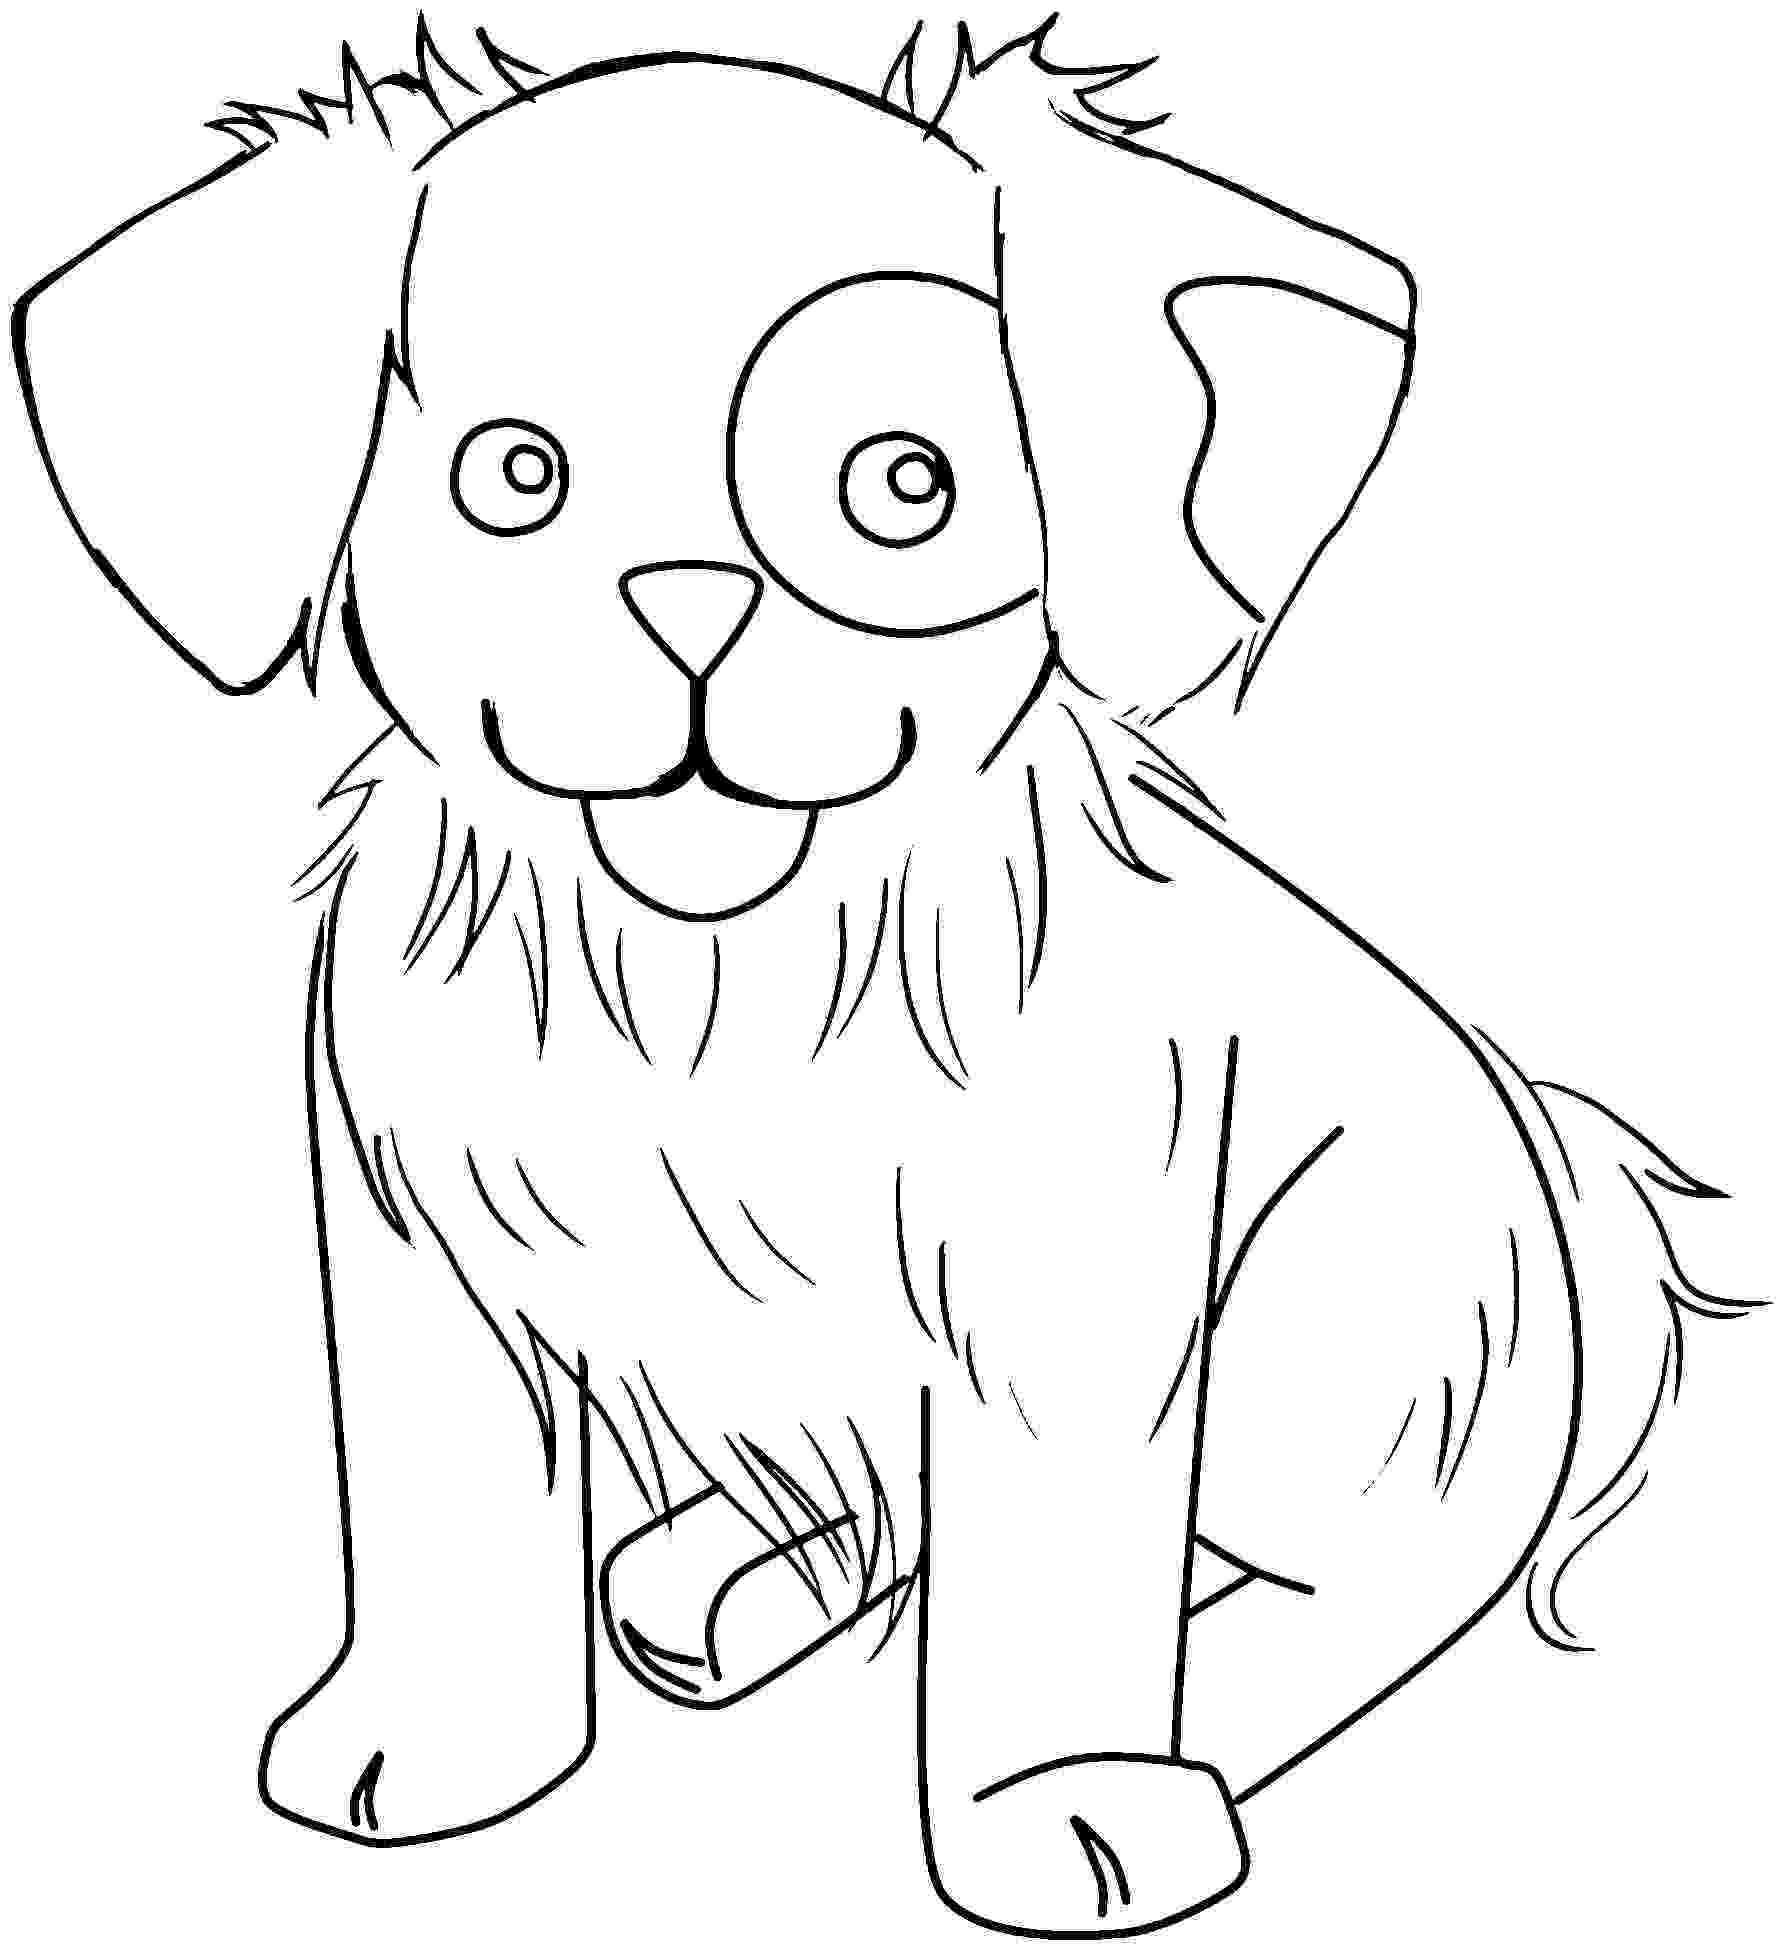 animal coloring pages printable free printable cute animal coloring pages coloring home coloring printable animal pages